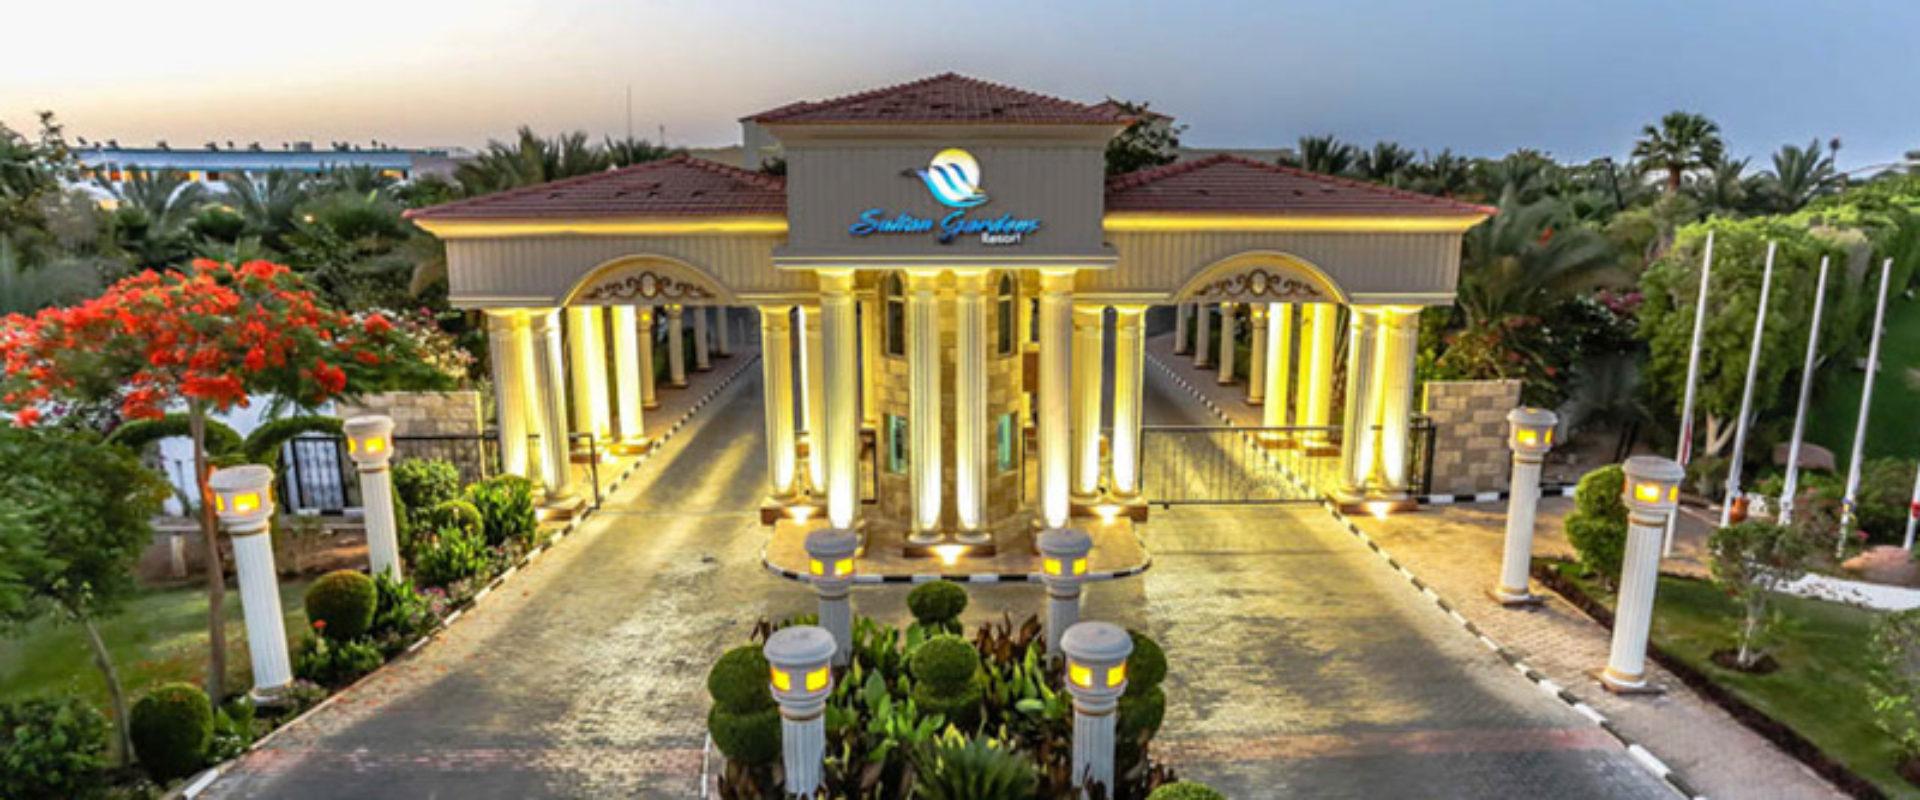 Odihnă la mare în Egipt, Hotel Sultan Gardens